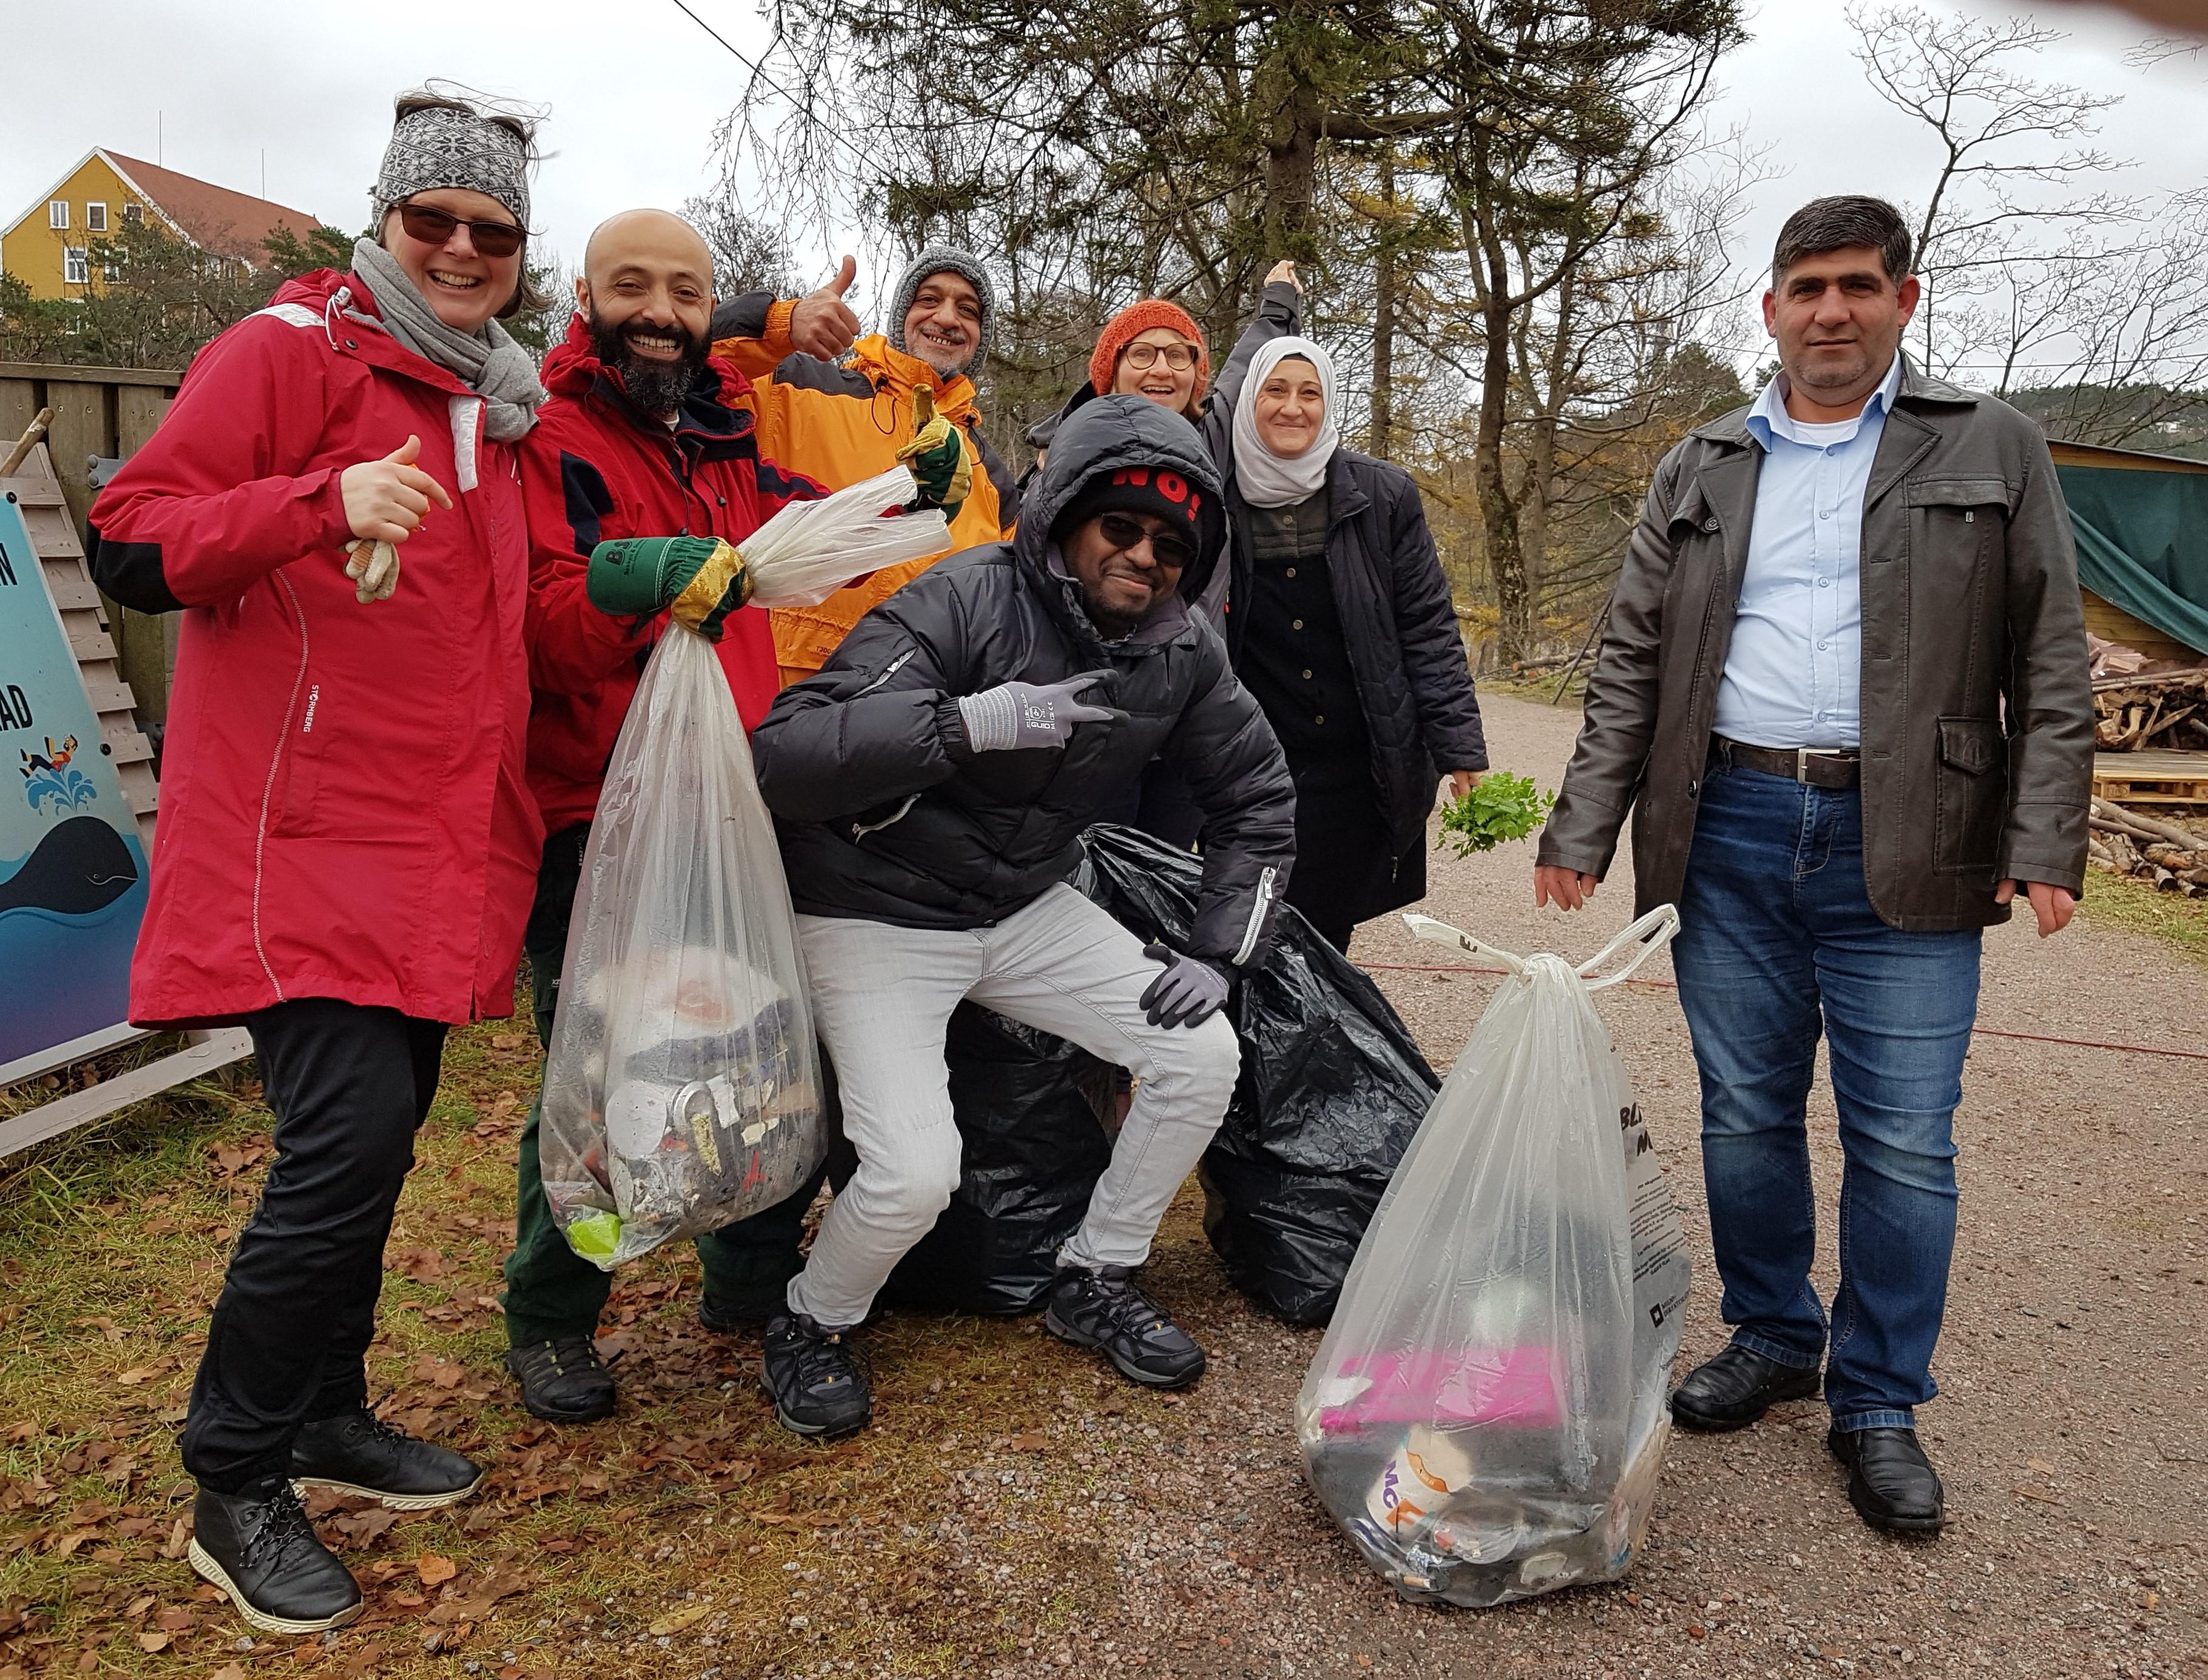 Ryddedugnad på Odderøya - bli kjent med en asylsøker